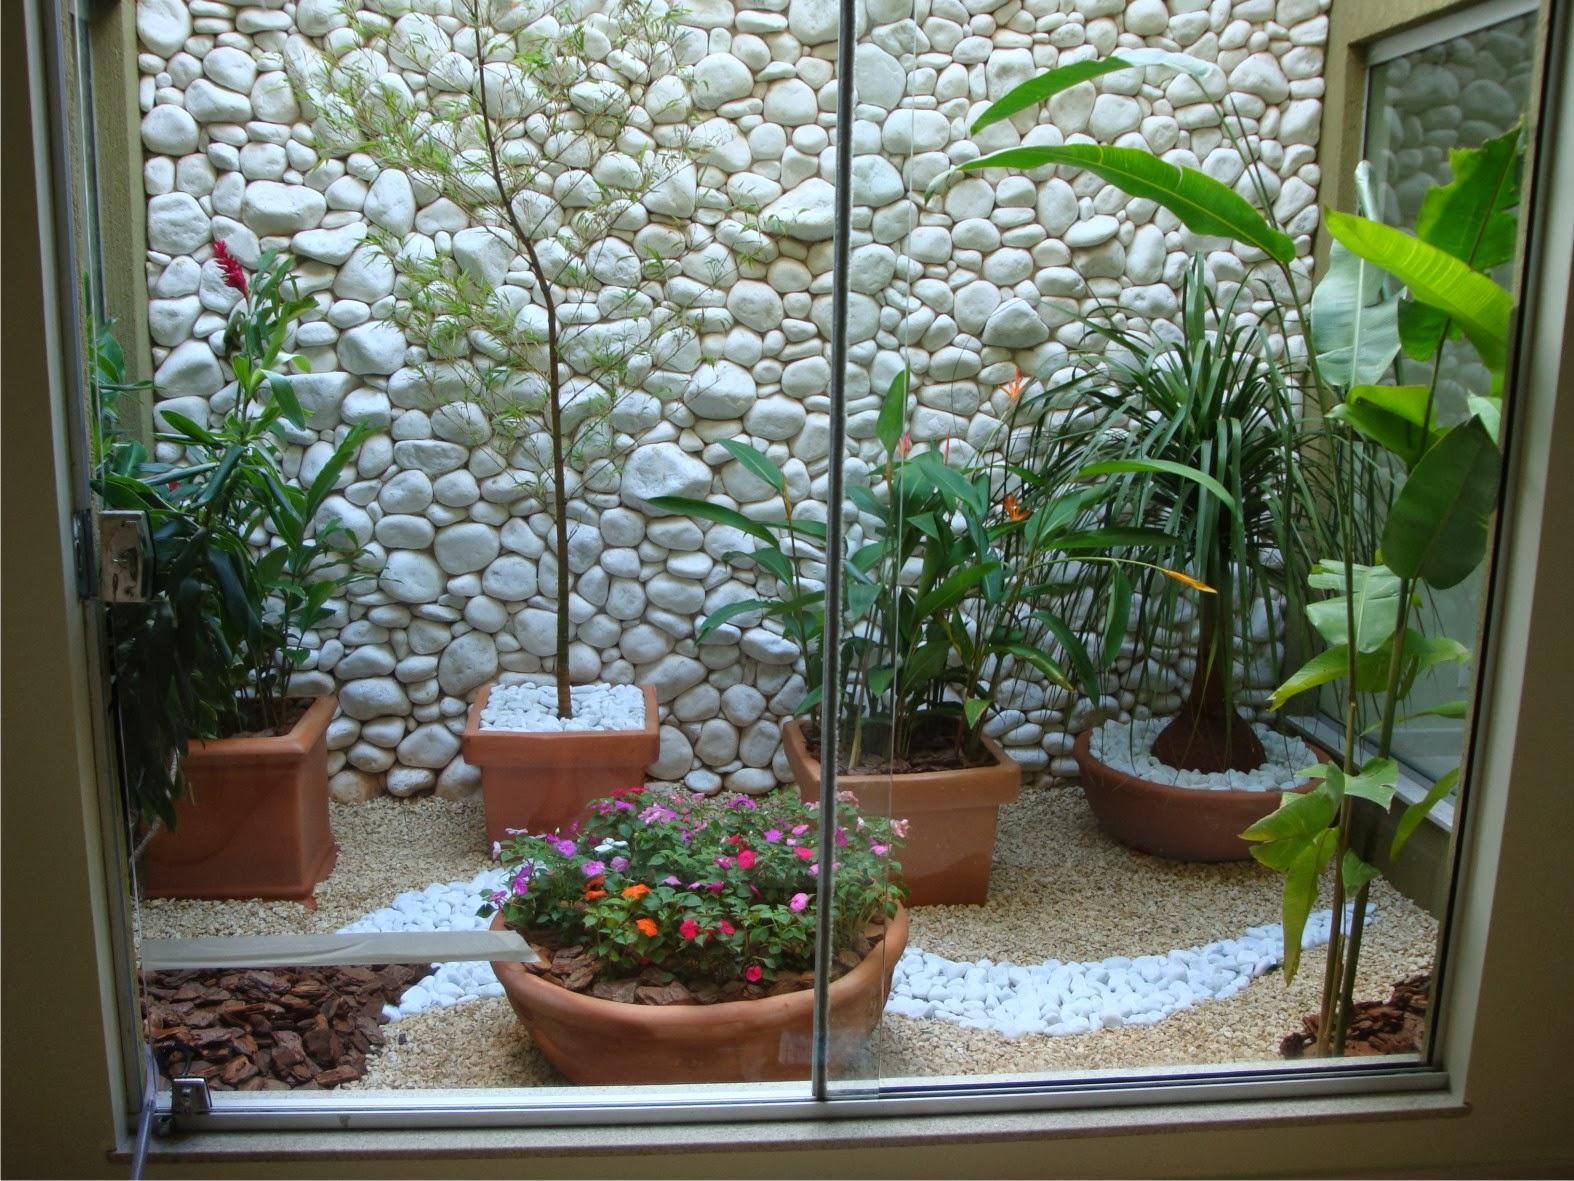 deck jardim de inverno:Jardim de Inverno: Um Toque Verde para dar mais Vida ao Lar! – Blog